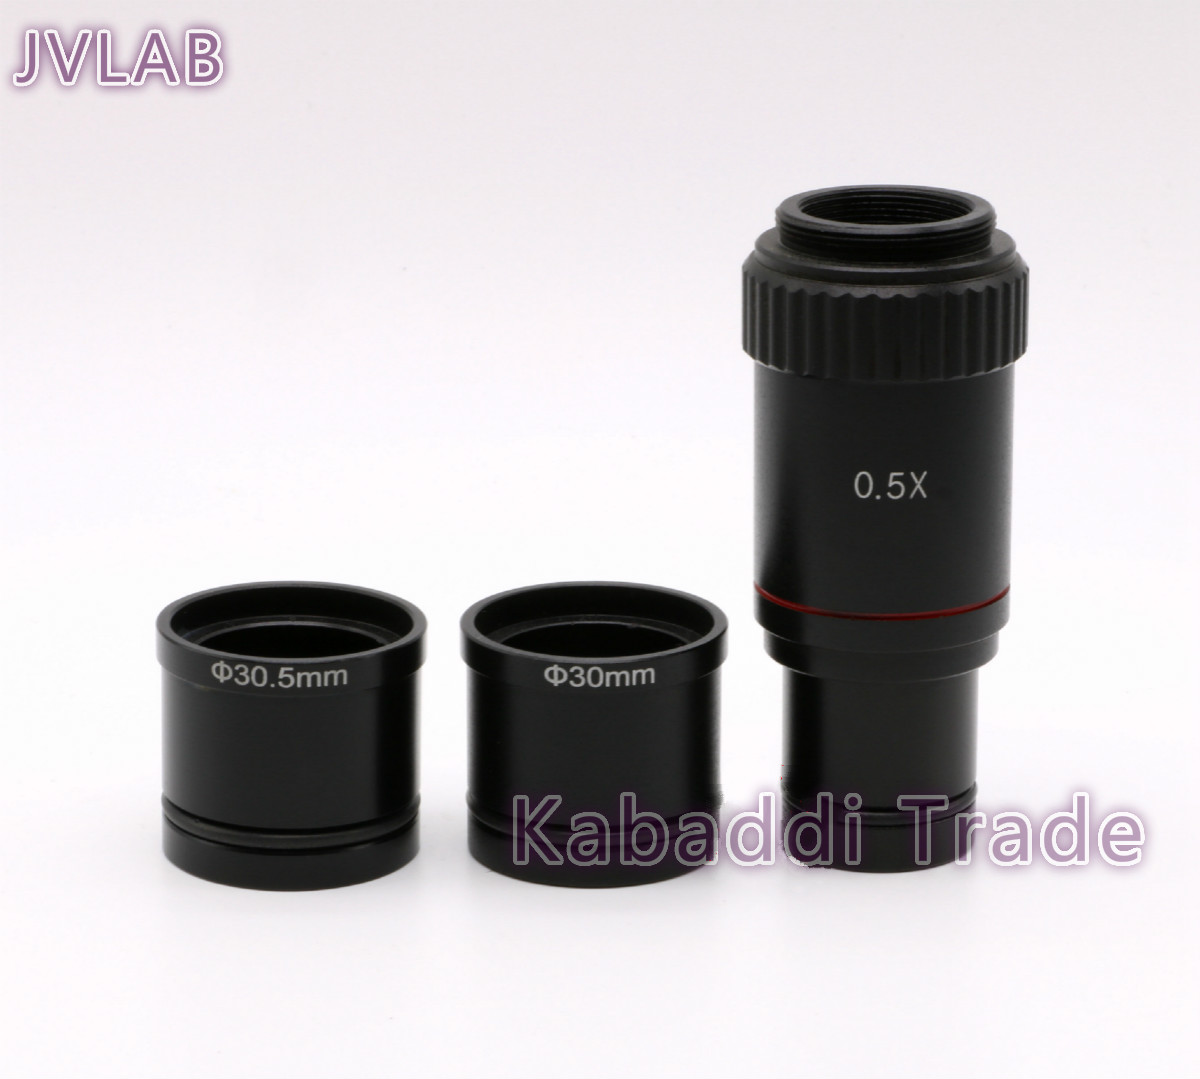 Microscópio 0.5x c-montagem lente para 23.2mm 30mm 30.5mm ccd cmos câmera adaptador digital ocular acessórios frete grátis